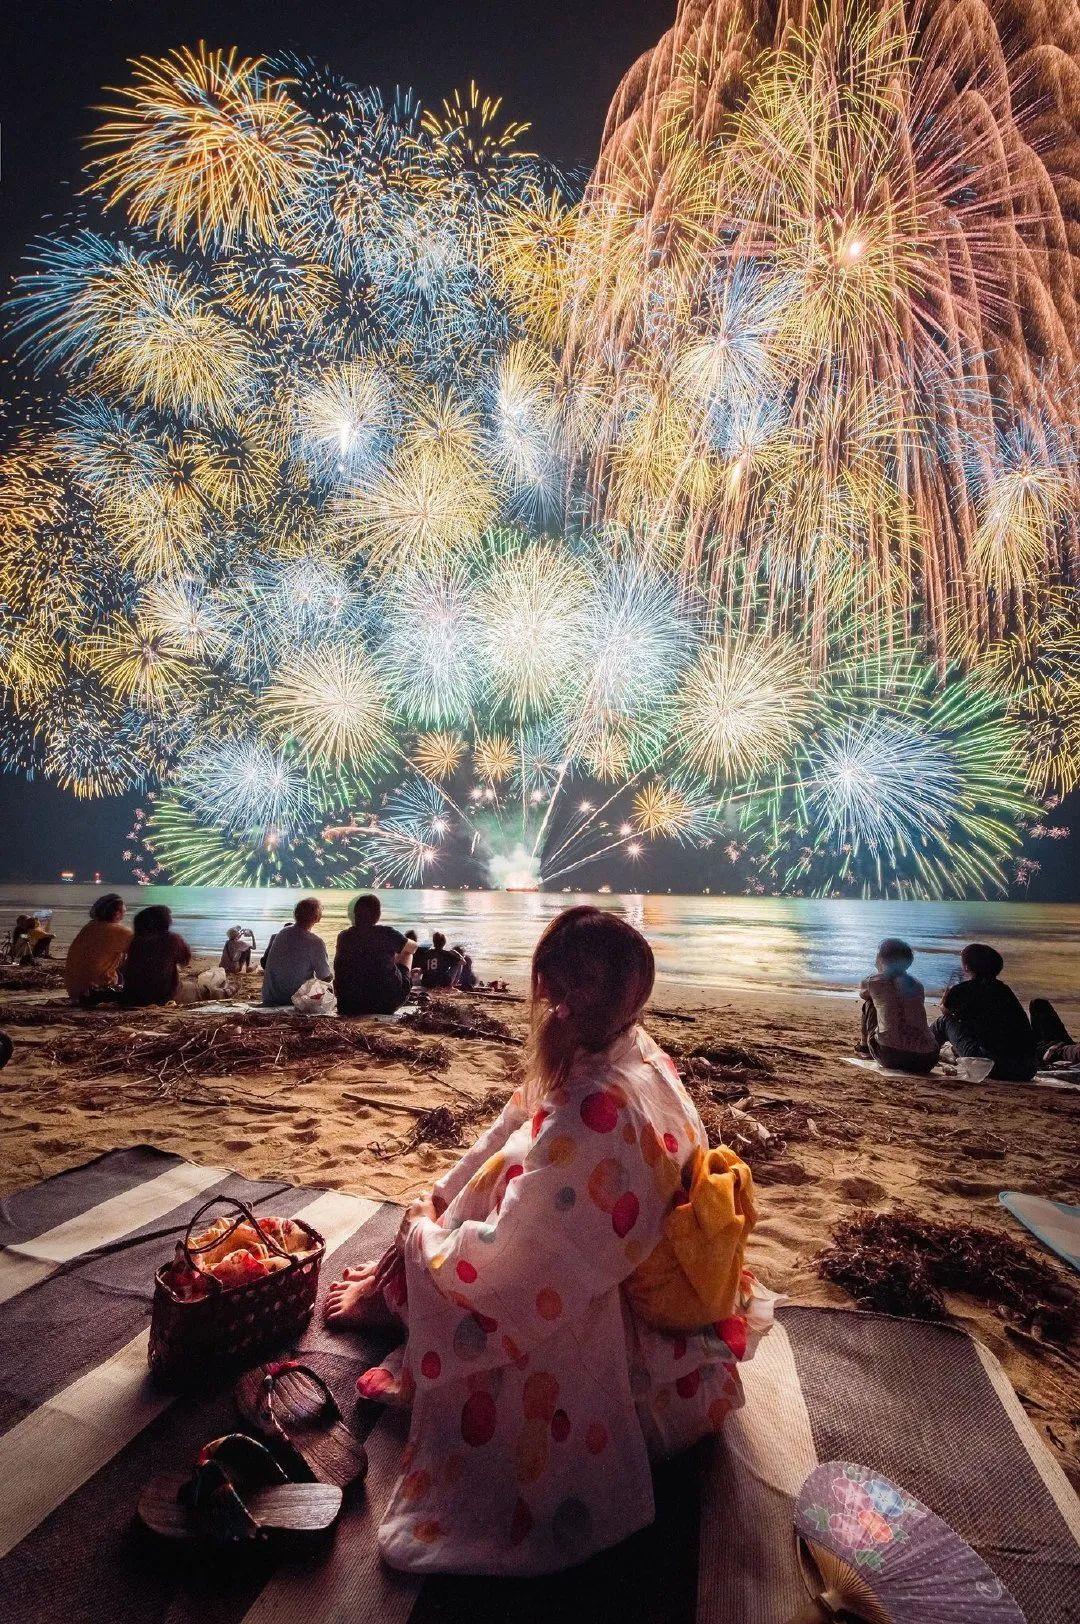 2020日本三重县的花火大会,星光灿烂,令人惊奇!_图片 No.2